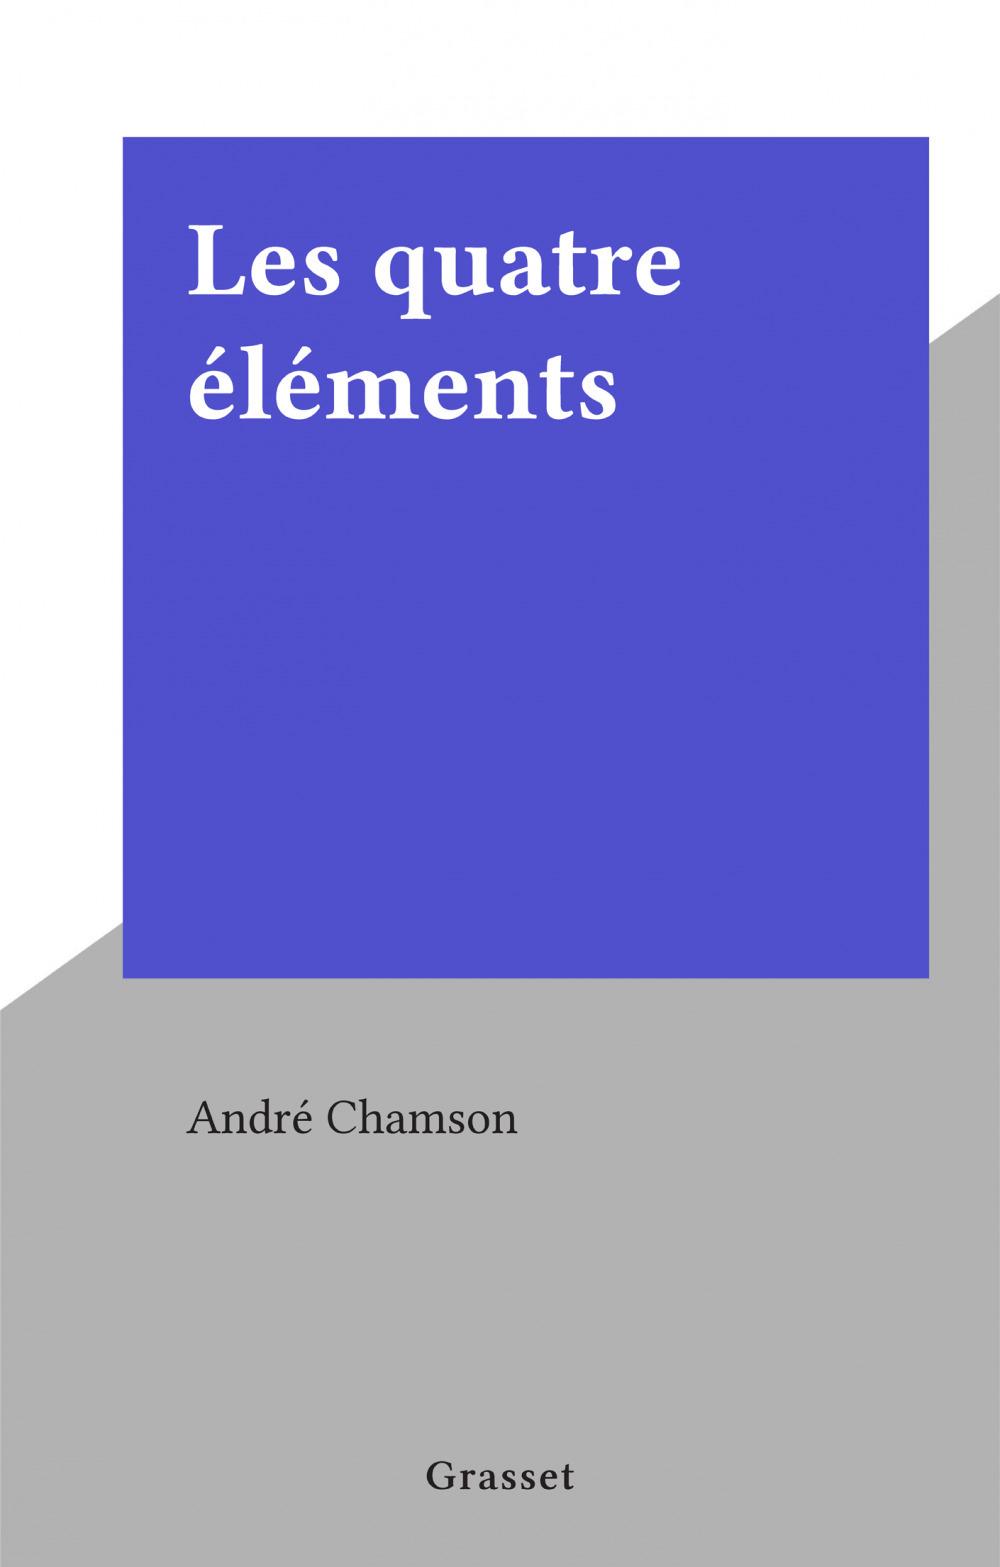 Les quatre éléments  - André Chamson